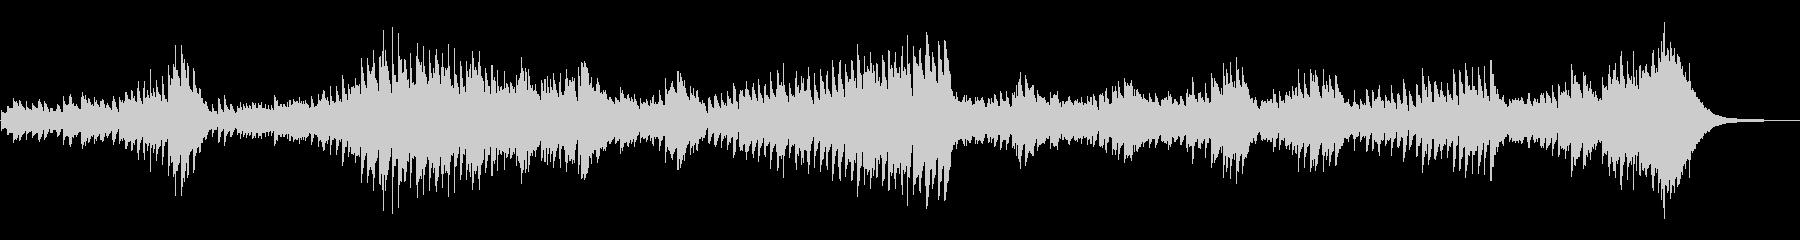 暗闇をイメージさせる重々しいピアノ曲の未再生の波形